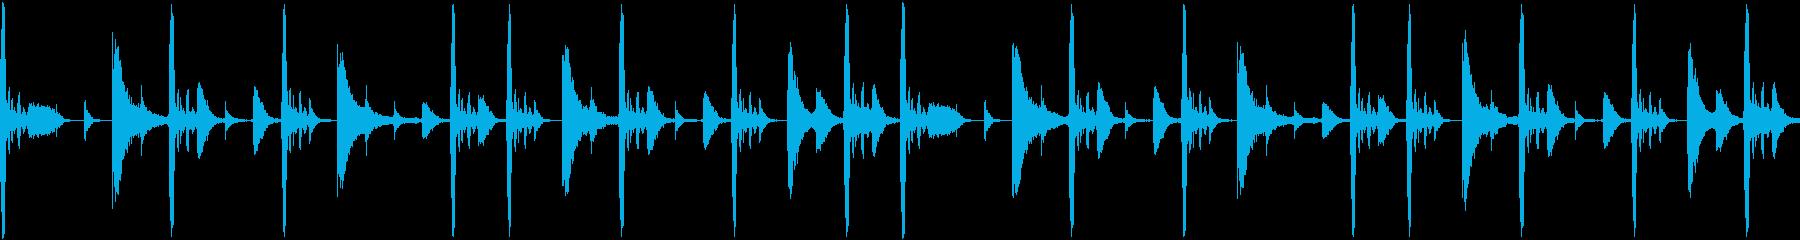 ファンク ドラムパターン ディスコの再生済みの波形